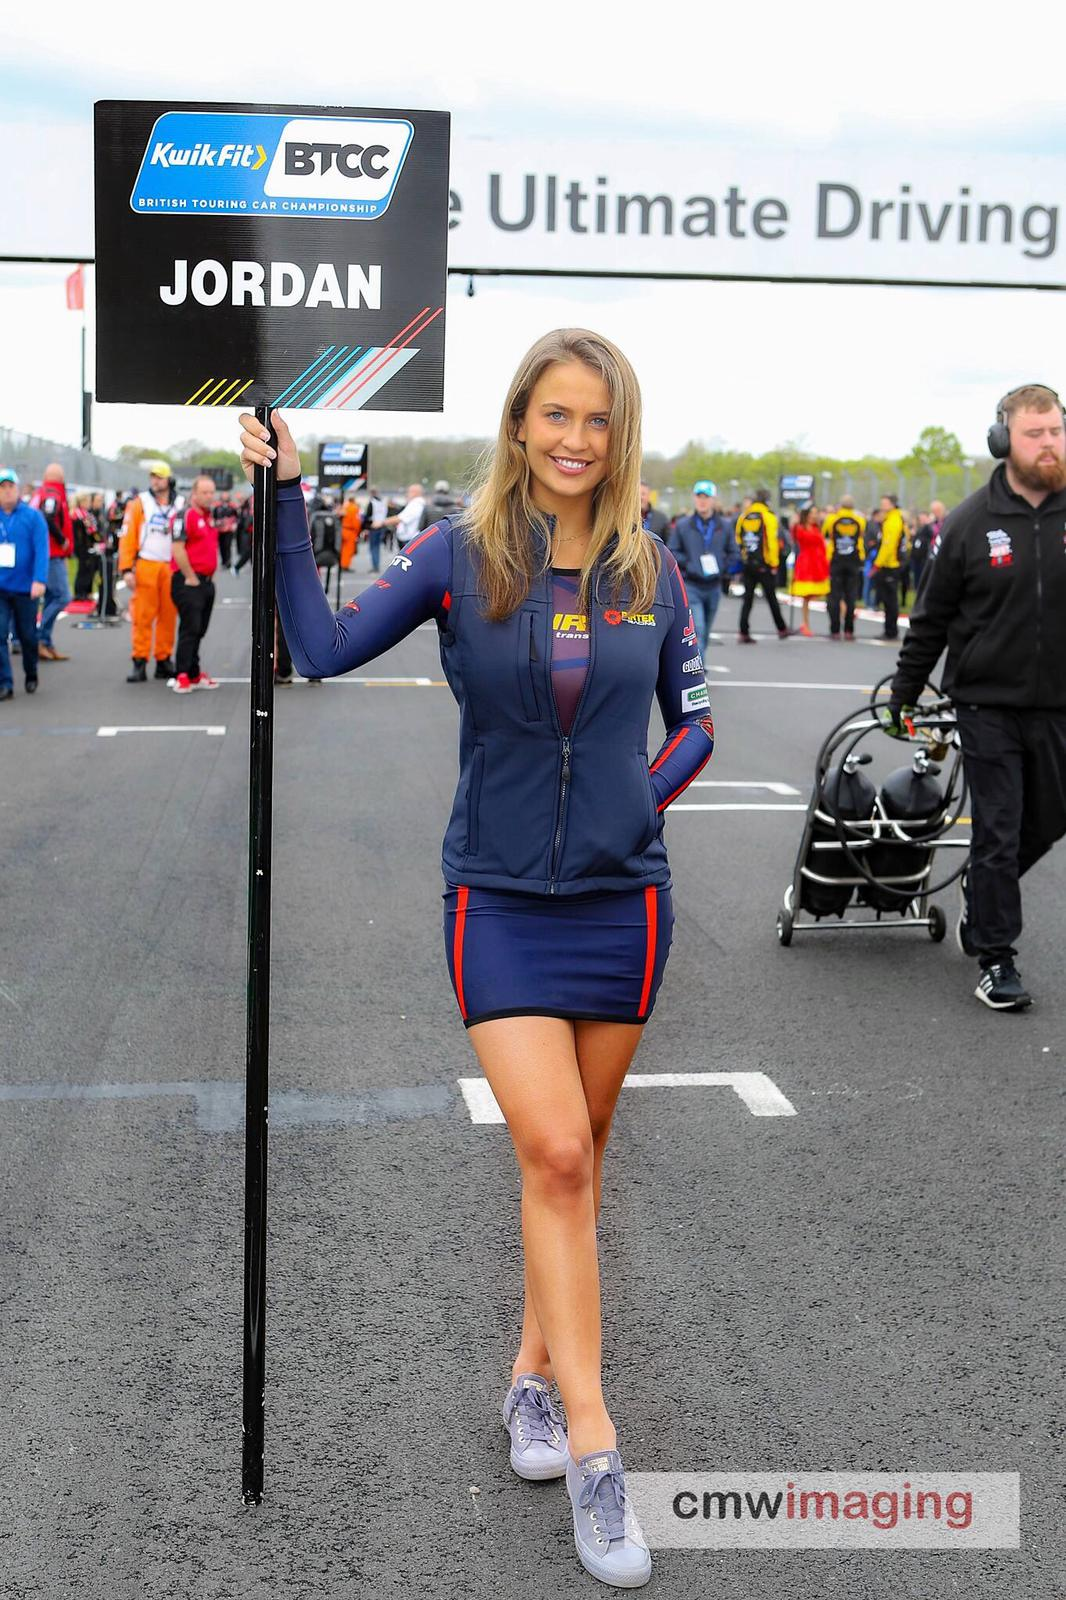 BMW Pirtek Racing BTCC at Donington Park BTCC – 28th April 19